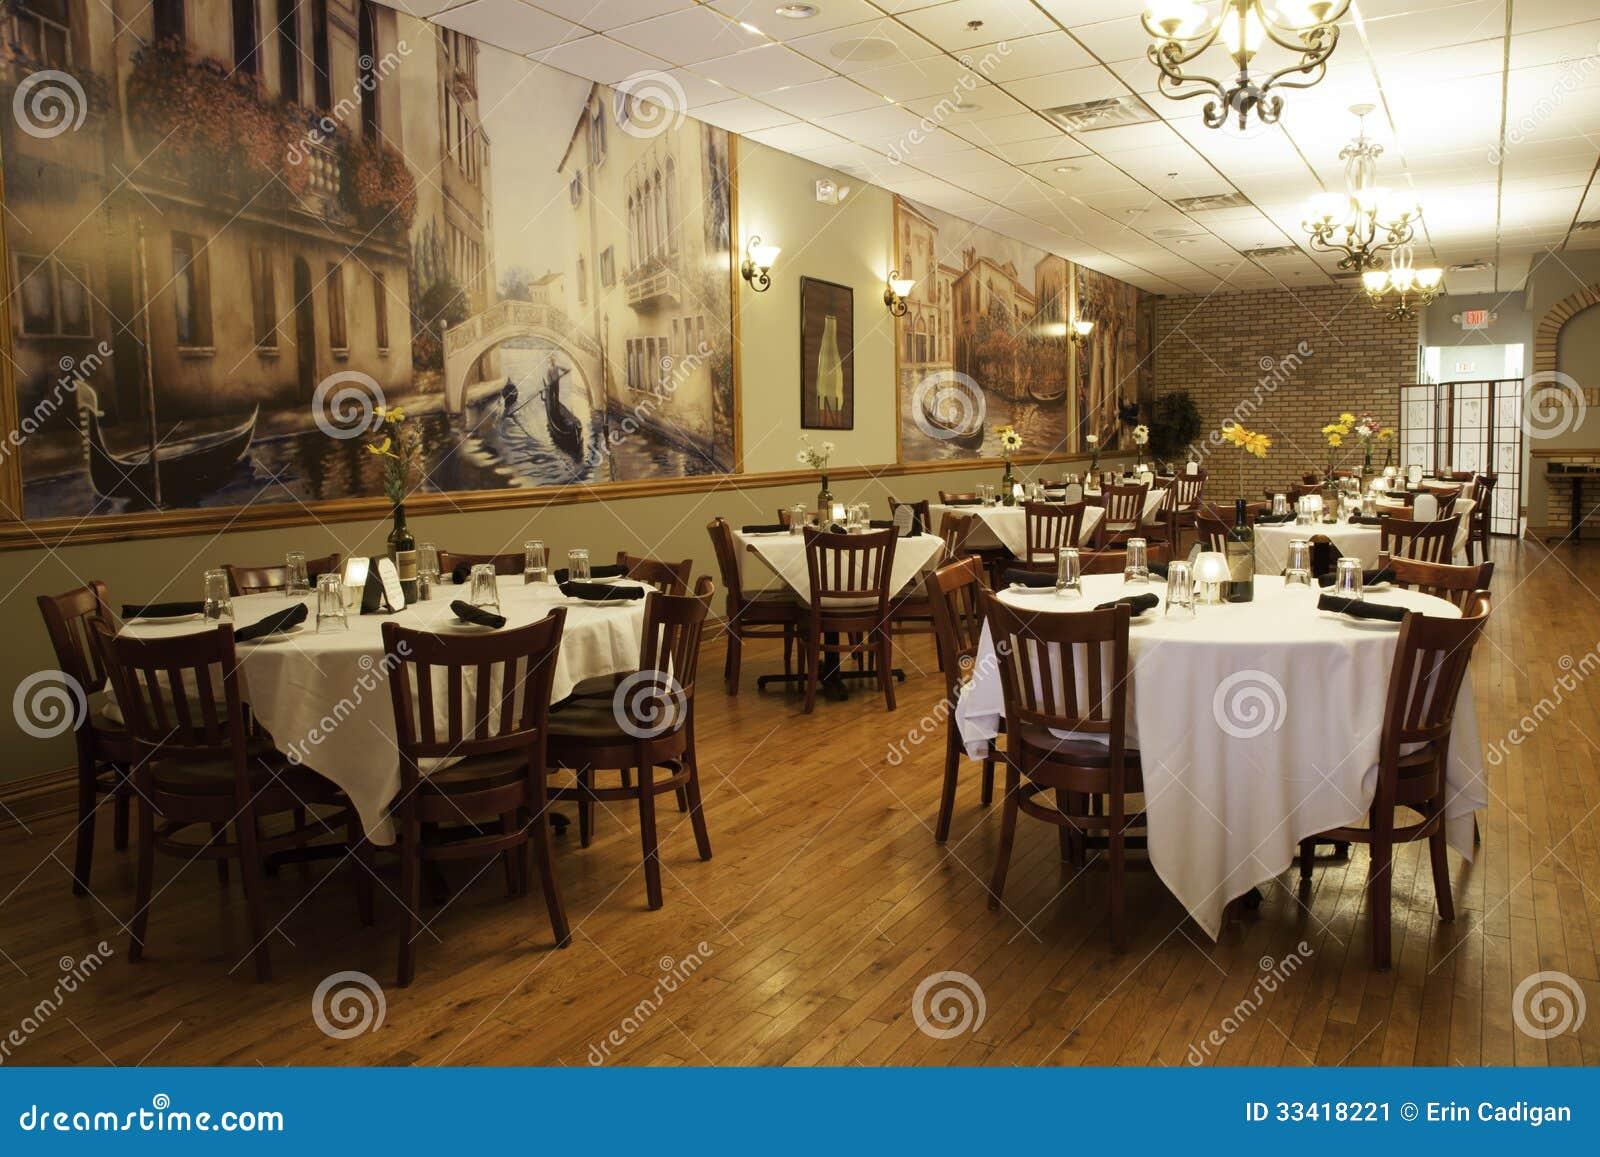 Italian restaurant interior main dining room editorial